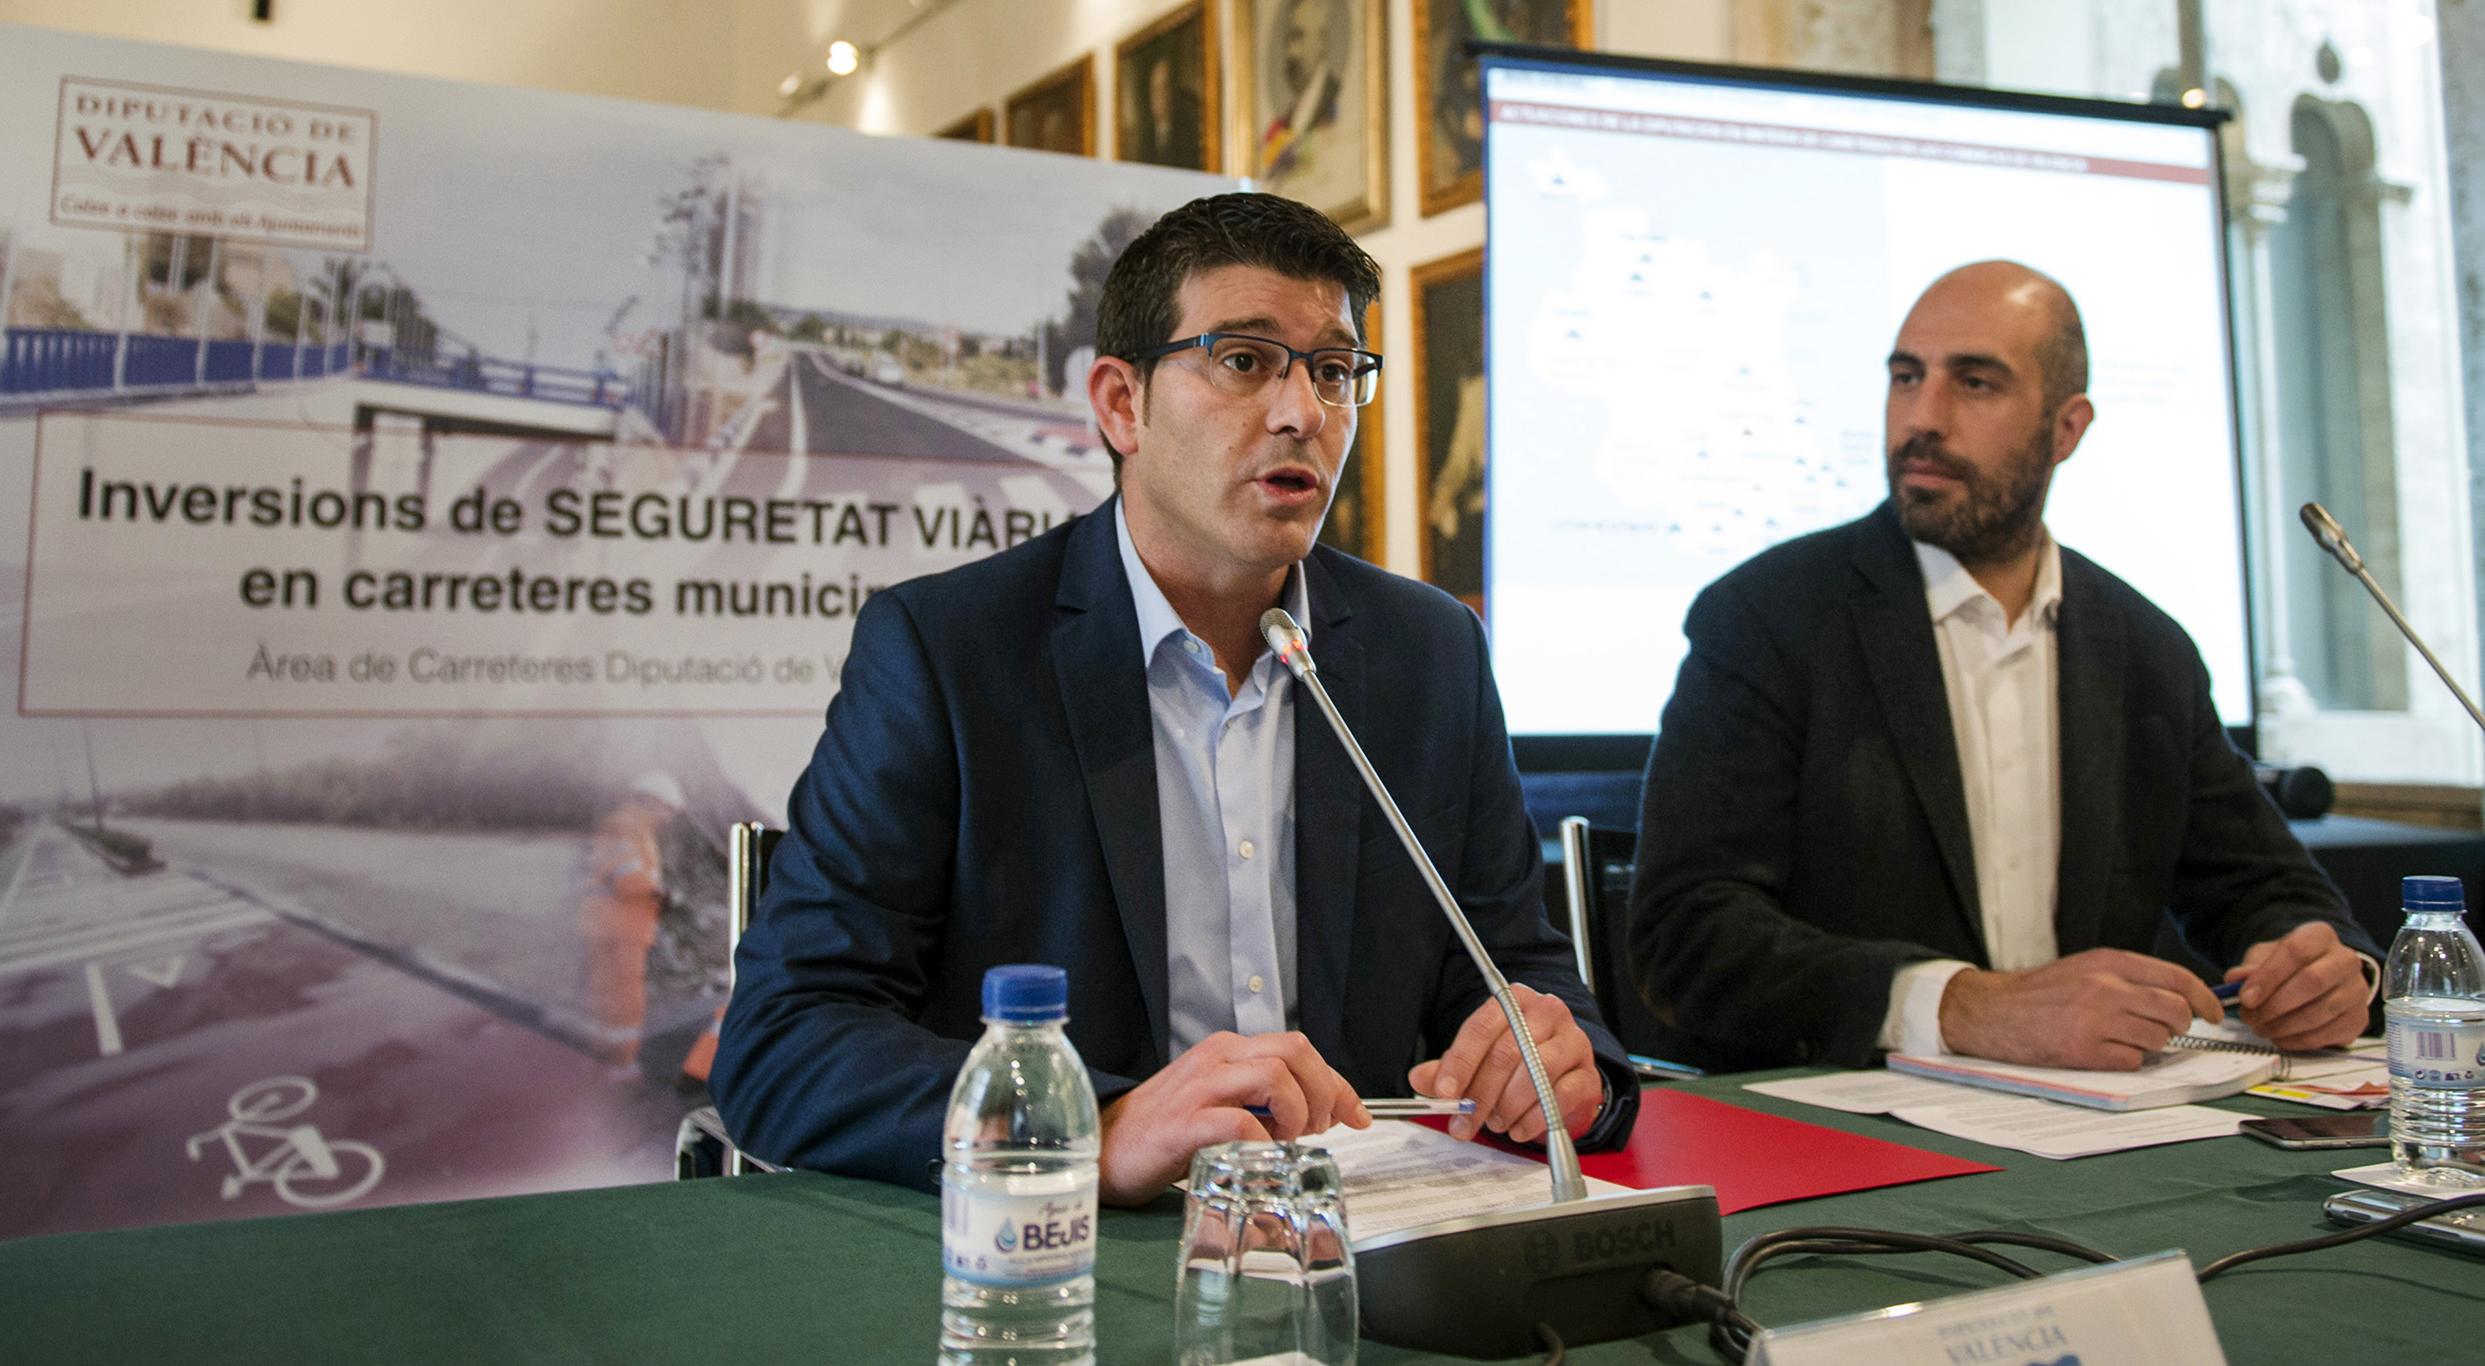 El presidente de la Diputación, Jorge Rodríguez, junto al responsable del área de Carreteras, Pablo Seguí.